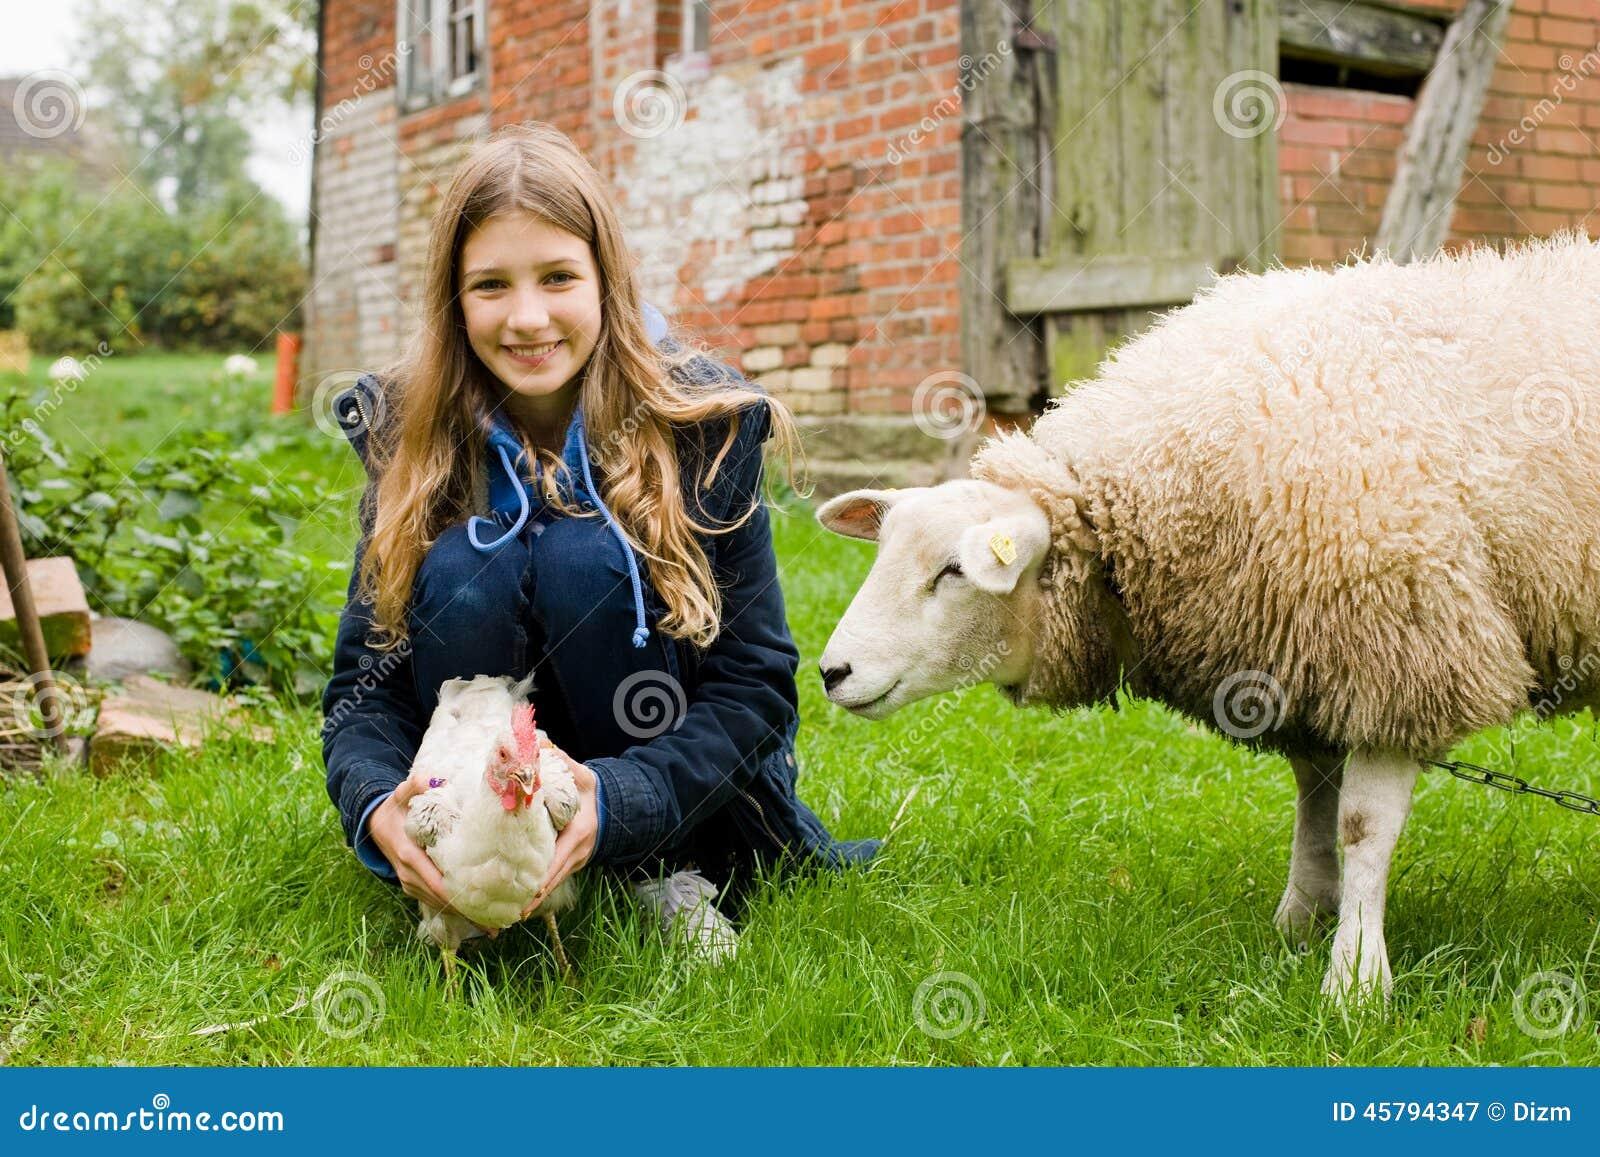 Девушка для работы на ферме девушки модели в изобильный